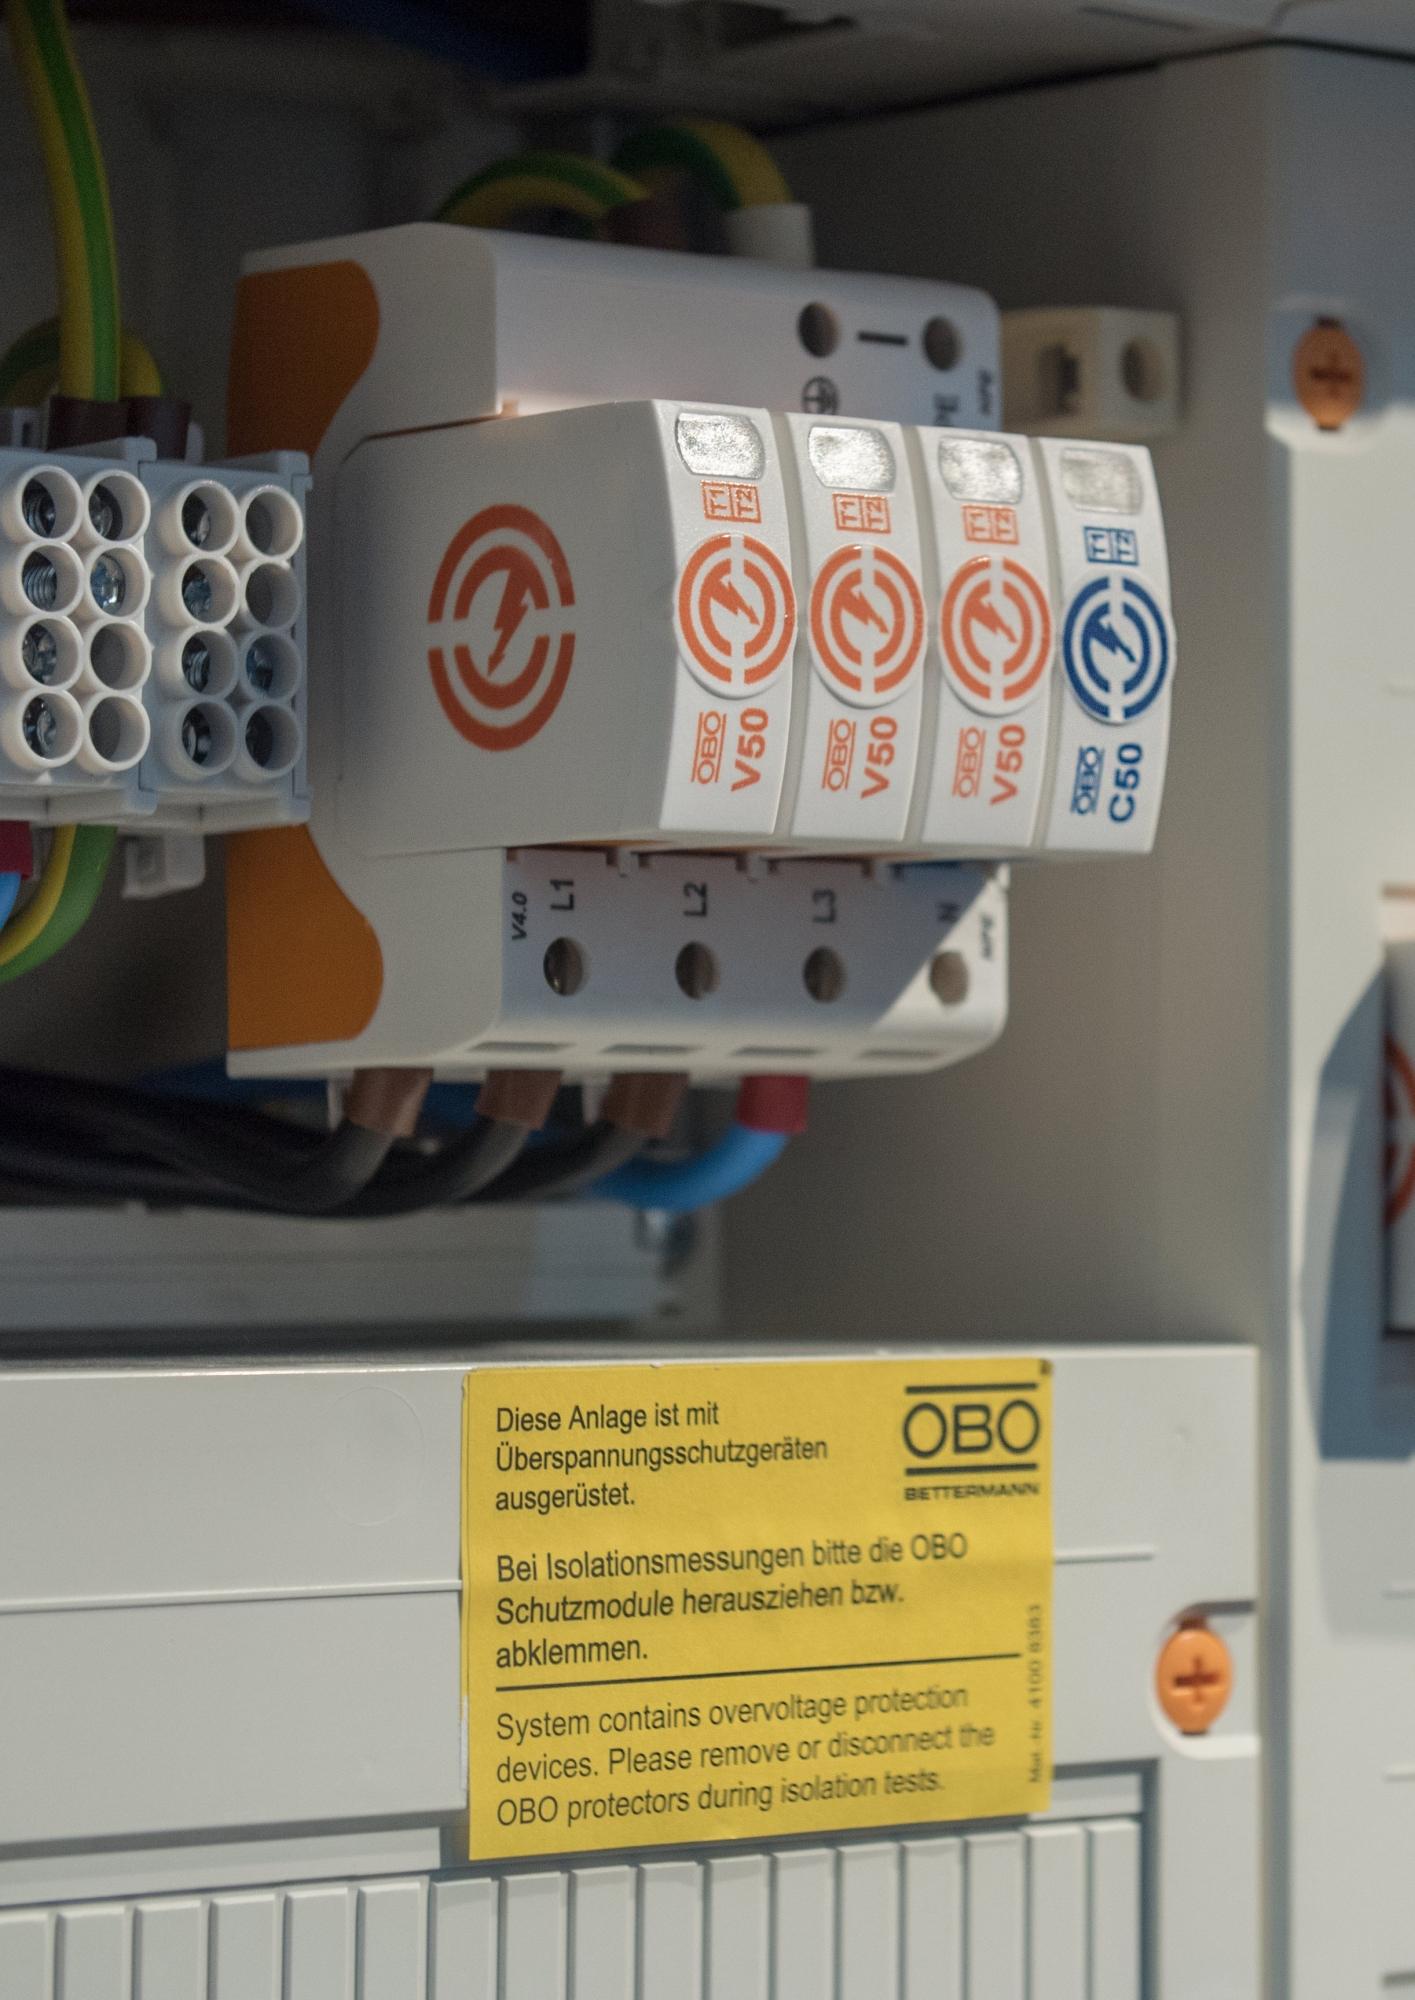 Uniwersalny ogranicznik Typu 1 (1+2) do instalacji TN-S, TT i TN-C-S w budynkach z ochroną odgromową LPL III i IV oraz w budynkach bez systemu zewnętrznej ochrony odgromowej zasilanych linią napowietrzną